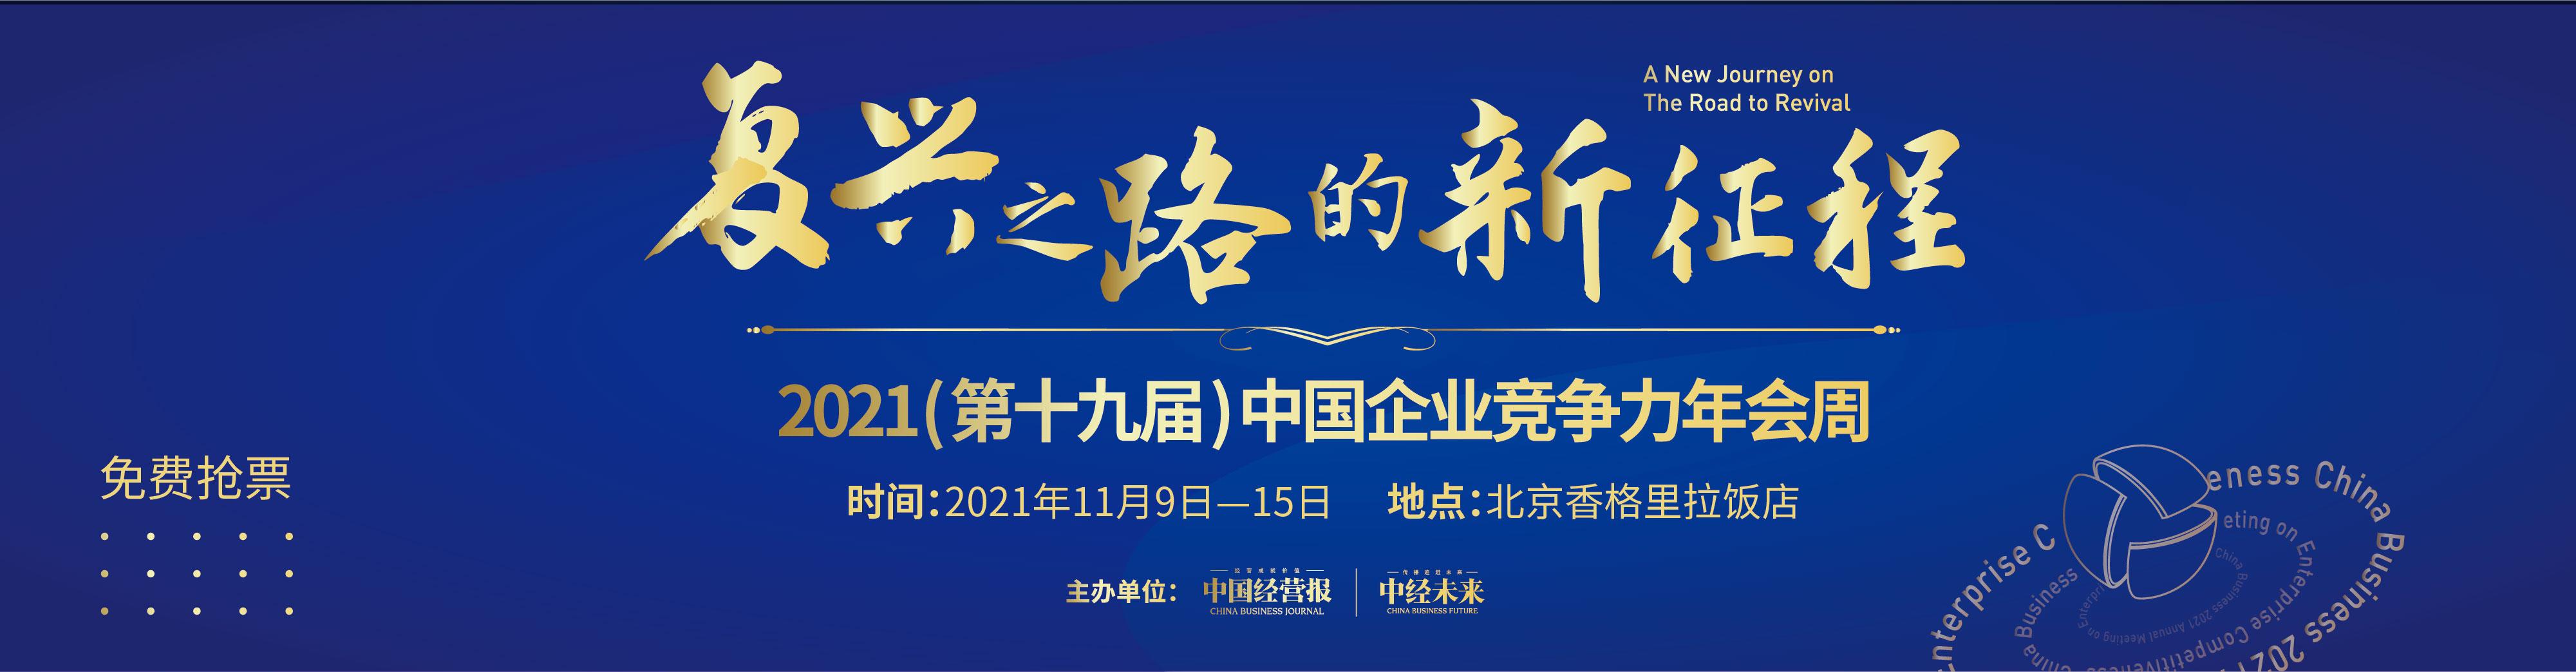 复兴之路的新征程—2021中国企业竞争力年会周